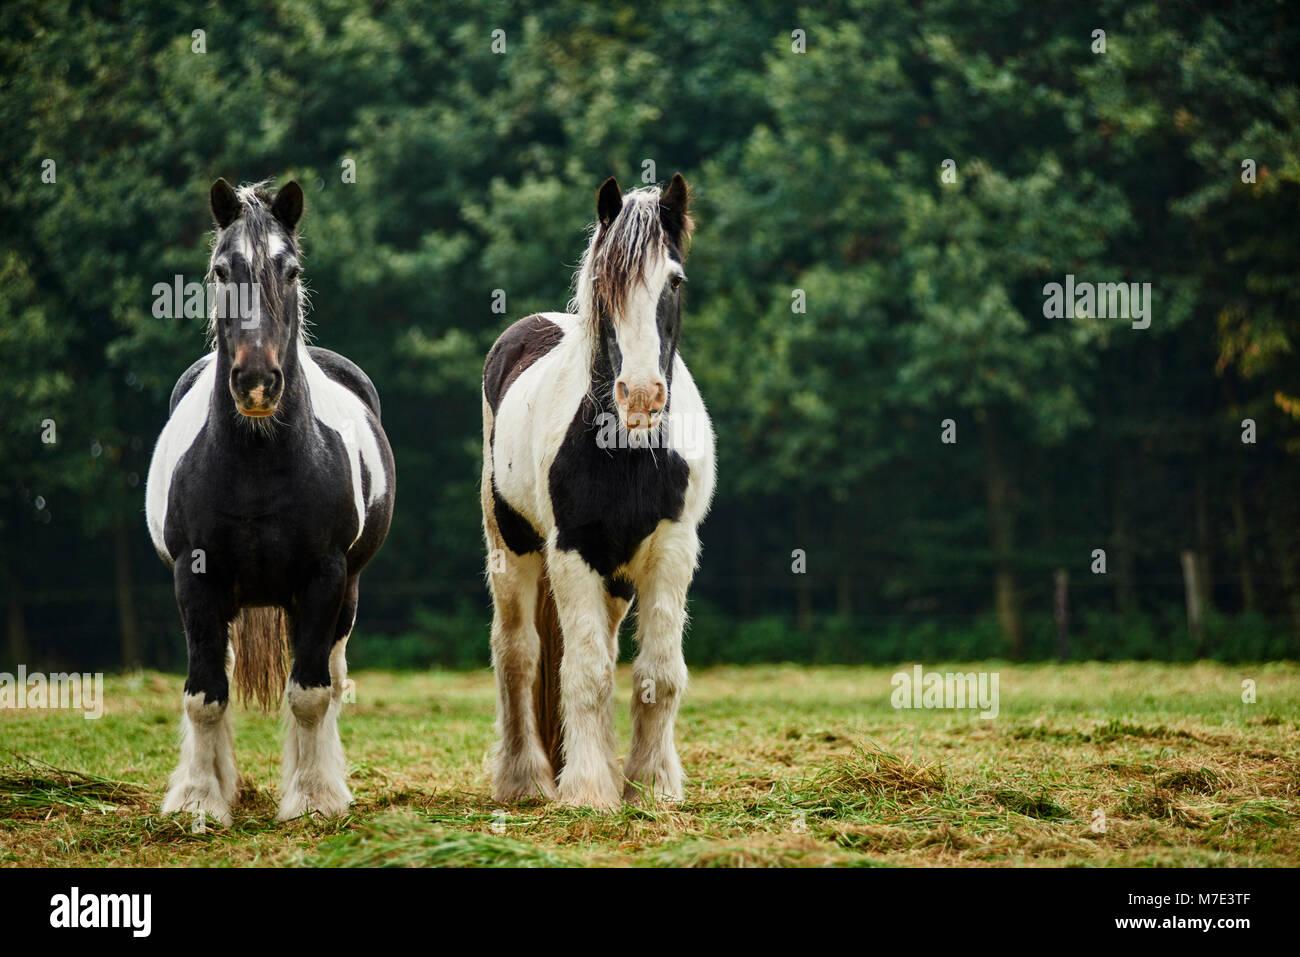 Zwei Pferde auf der Weide - Stock Image